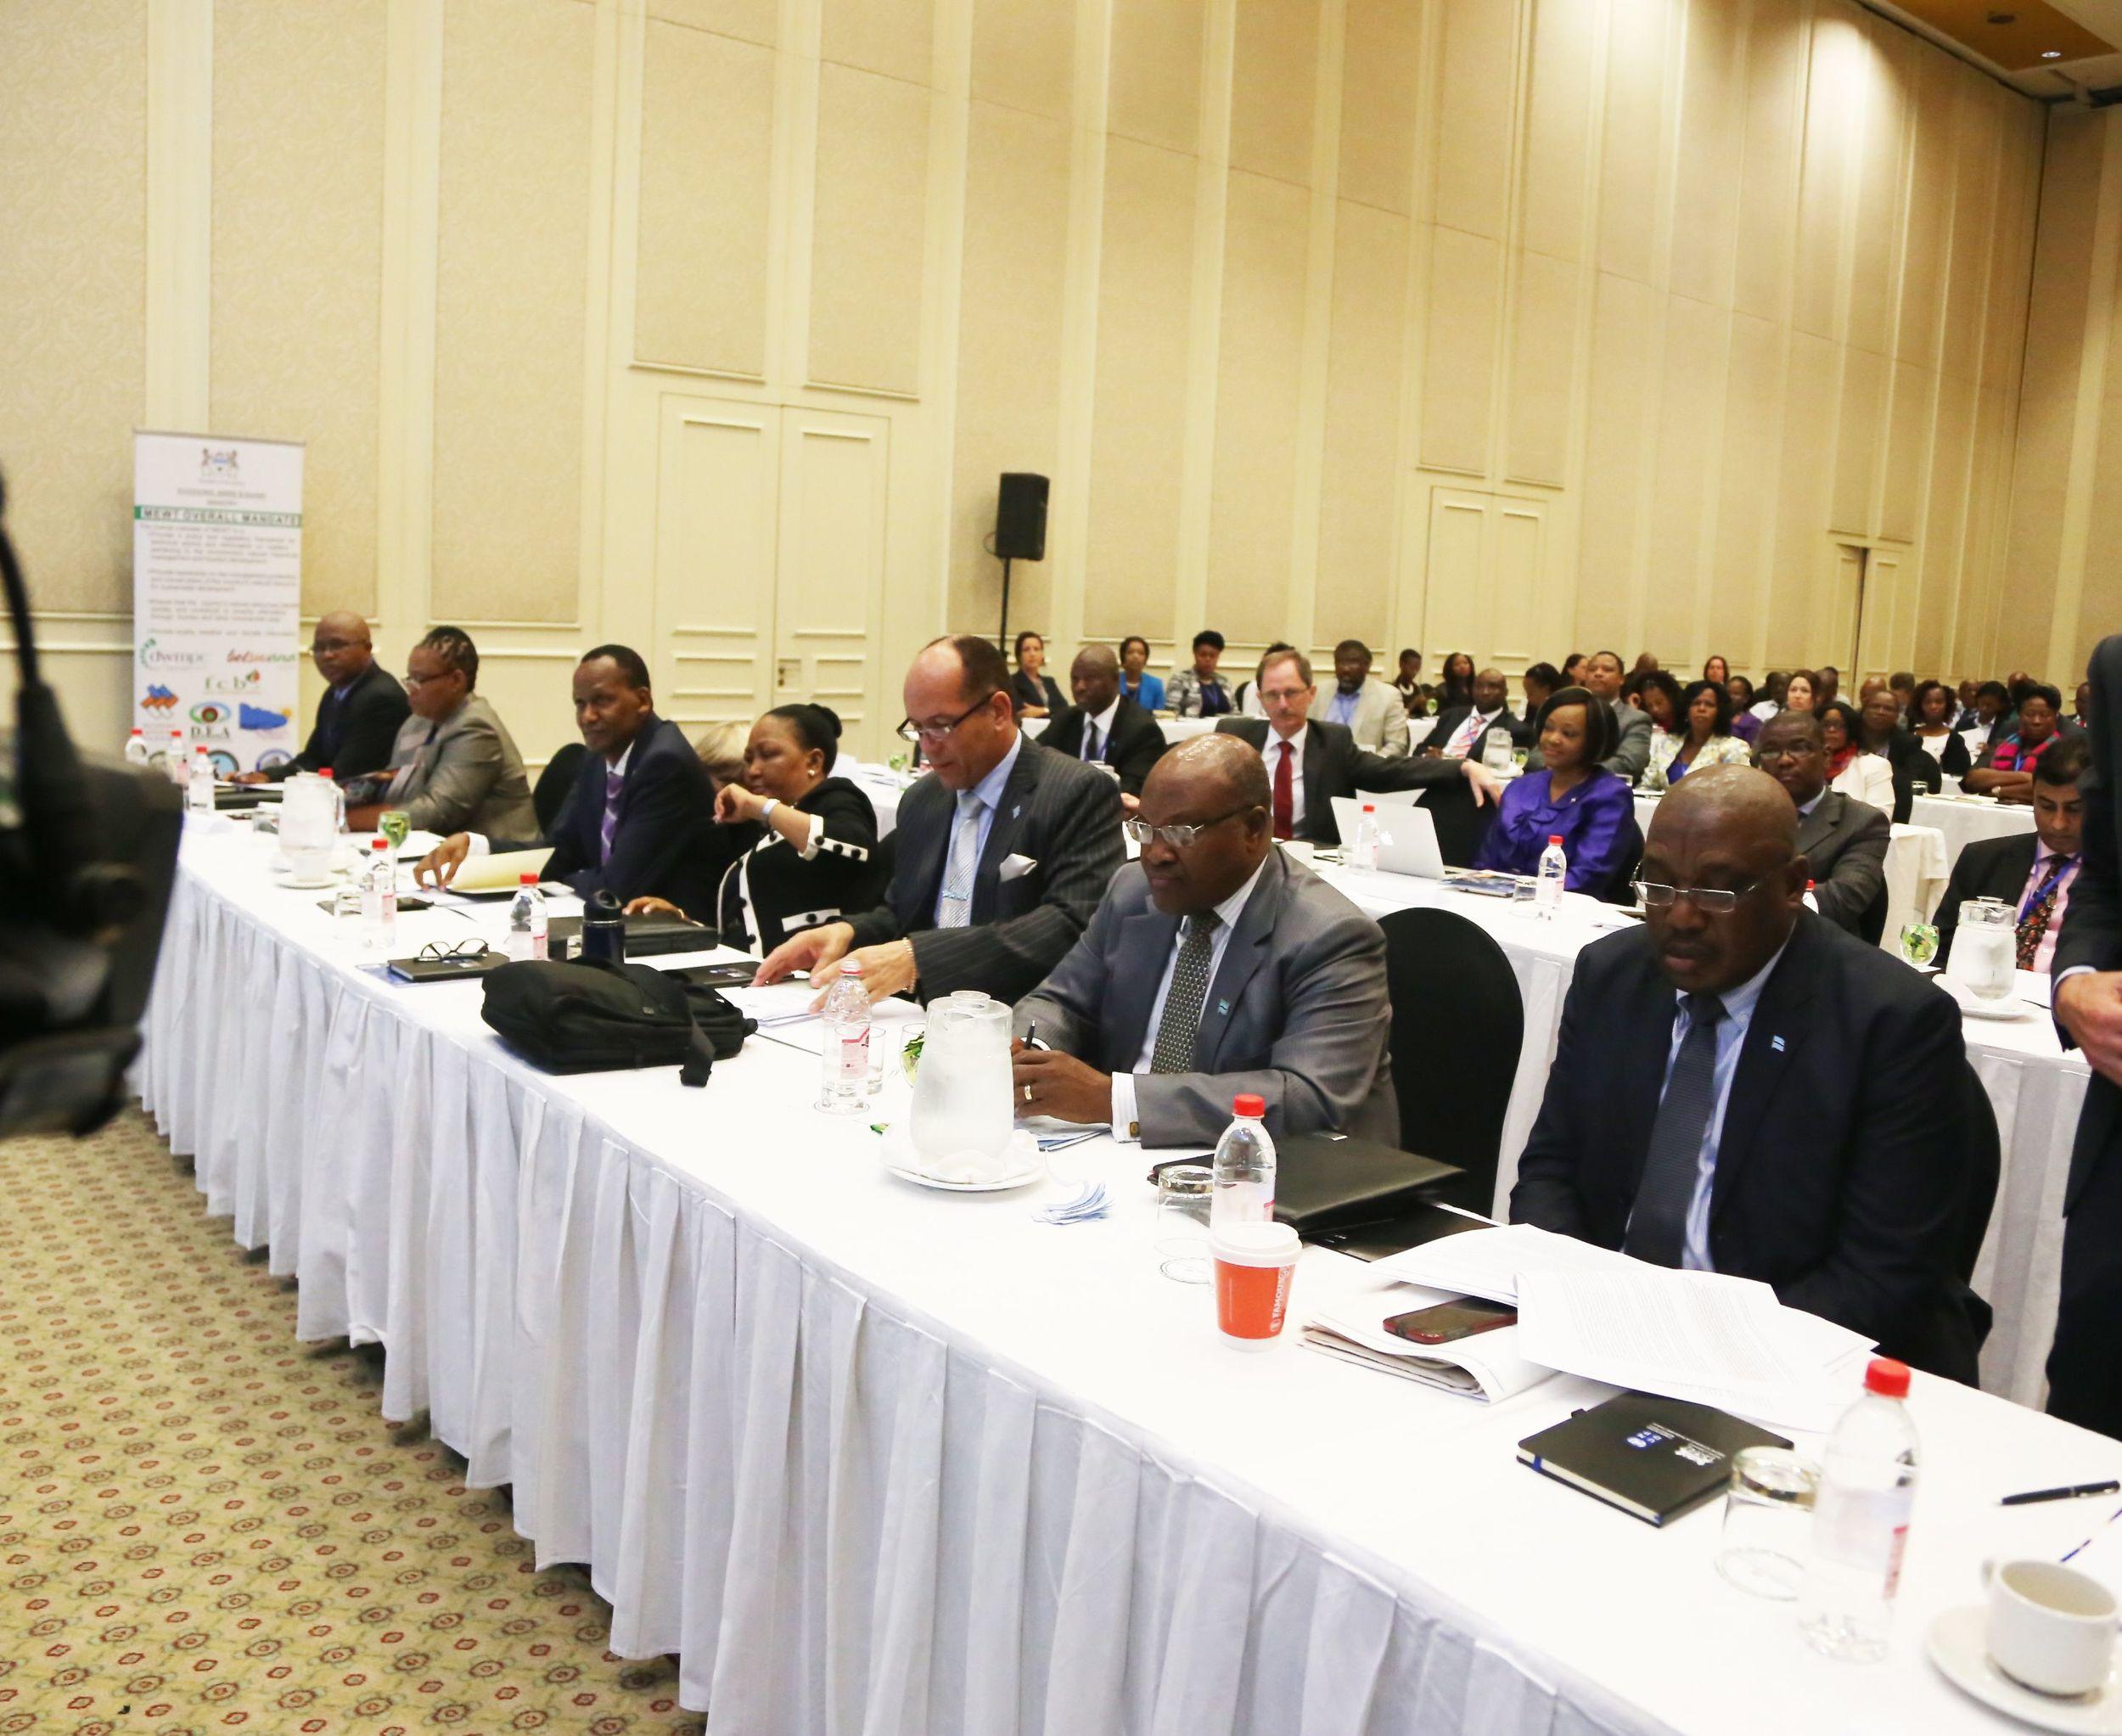 Participants During Botswana's inaugural symposium of sustainable finance. photo courtesy of ms. kefilwe monosi